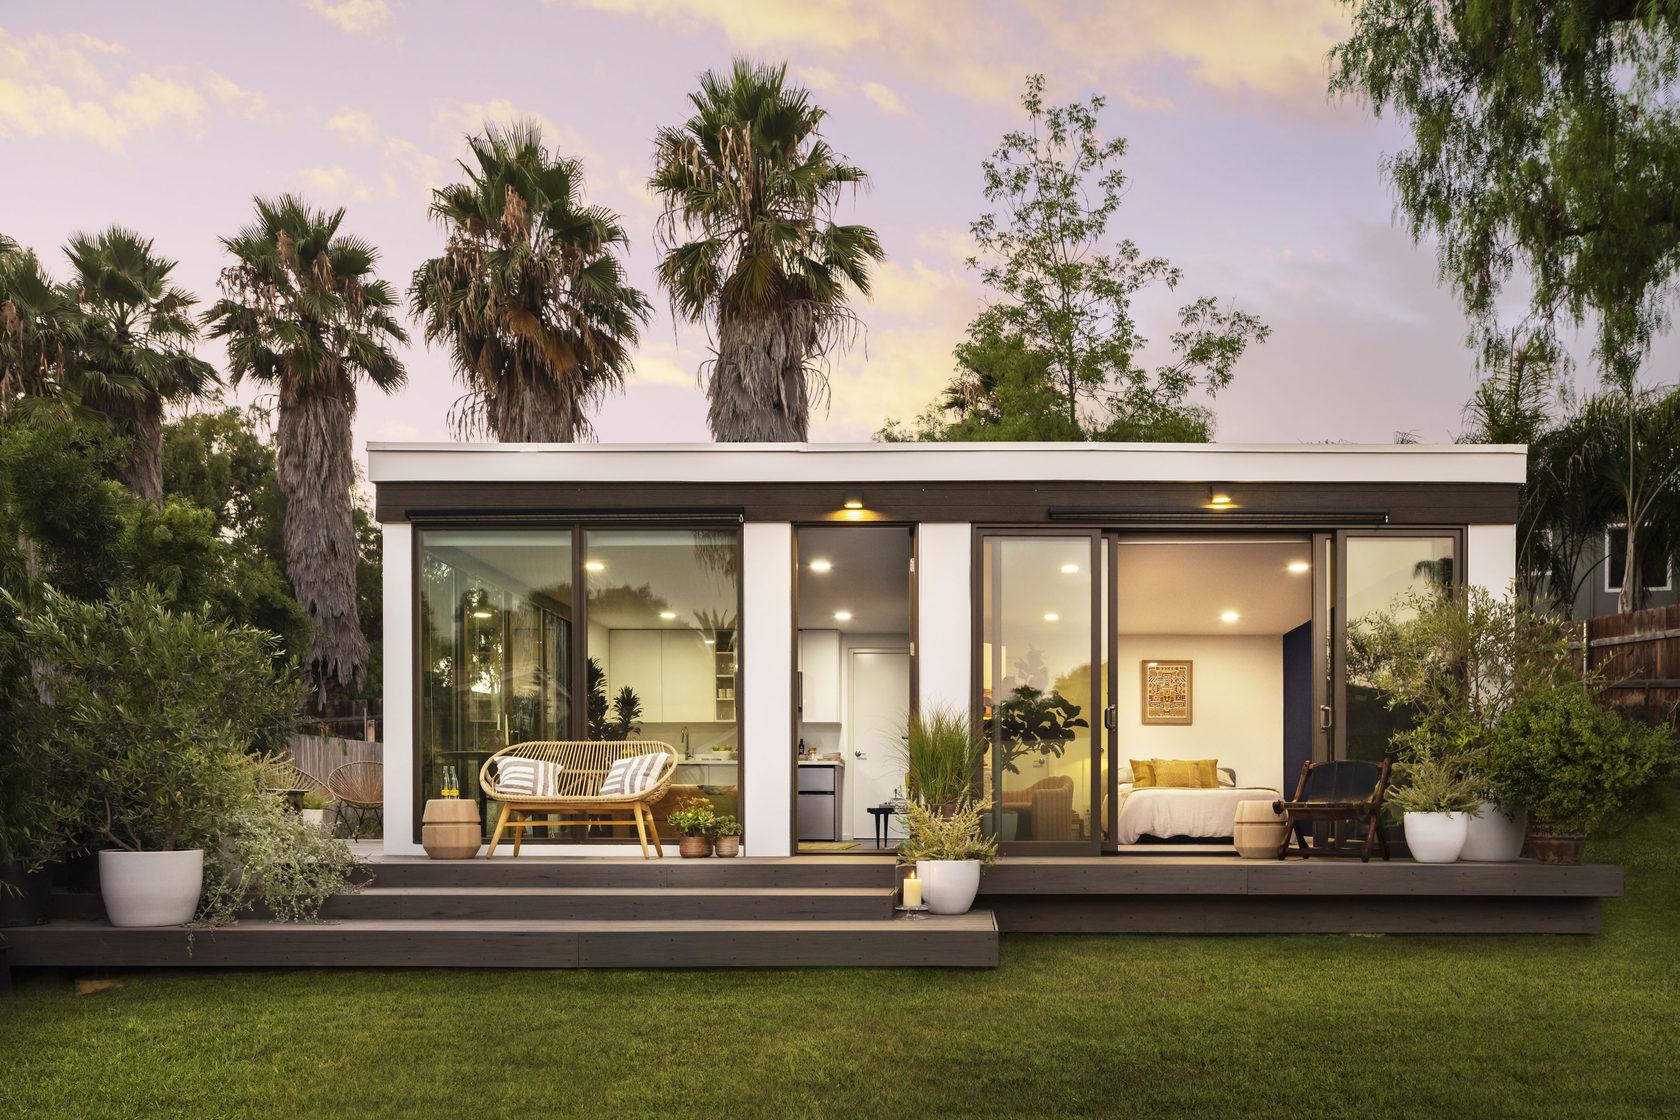 カリフォルニアのスタートアップ企業が小型3Dプリント住宅の販売を開始